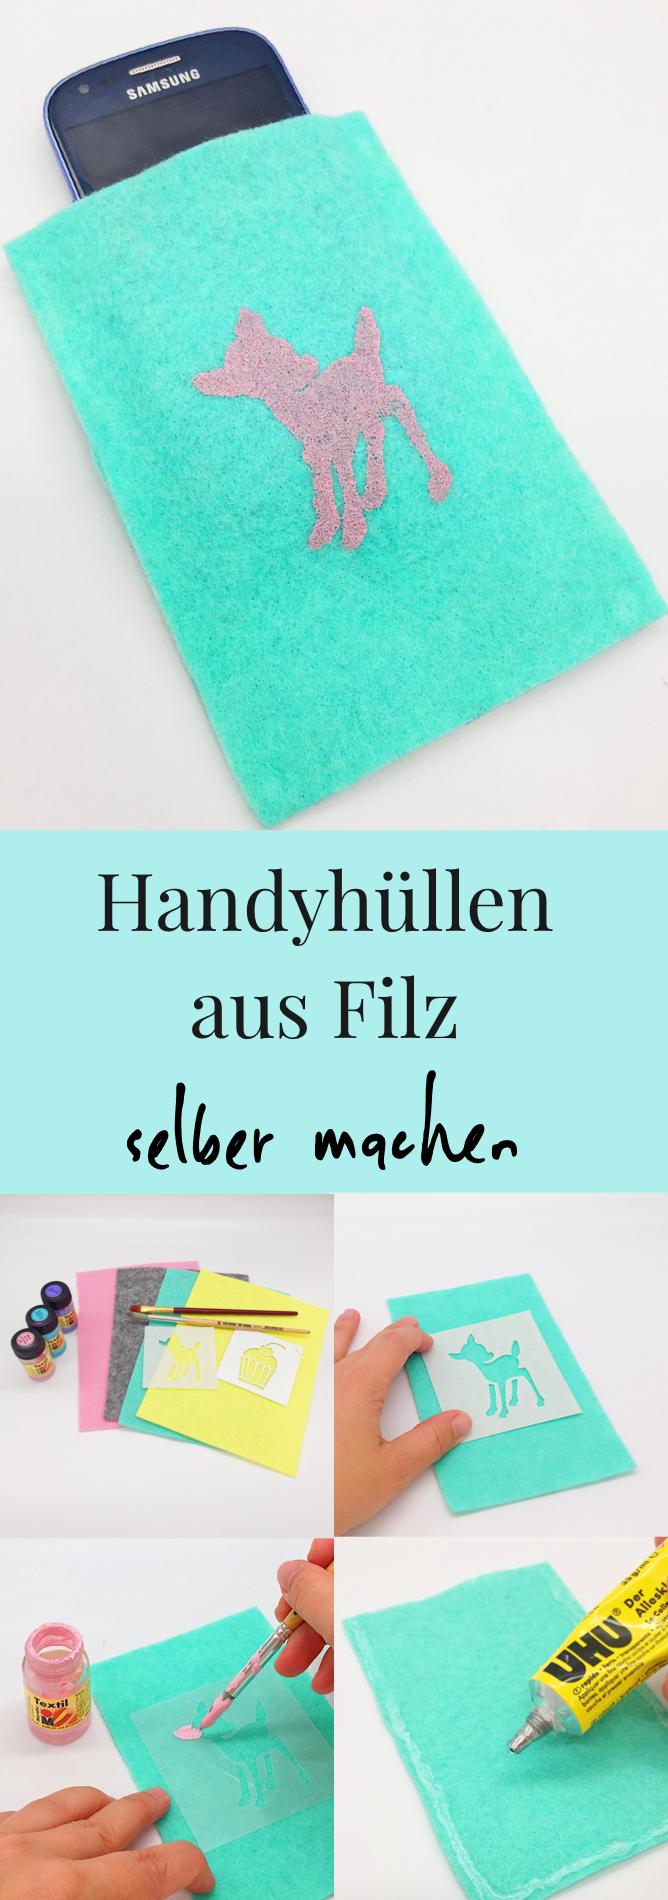 diy handyh llen selbst gestalten aus filz ohne n hen deutschsprachige bloggerinnen das. Black Bedroom Furniture Sets. Home Design Ideas